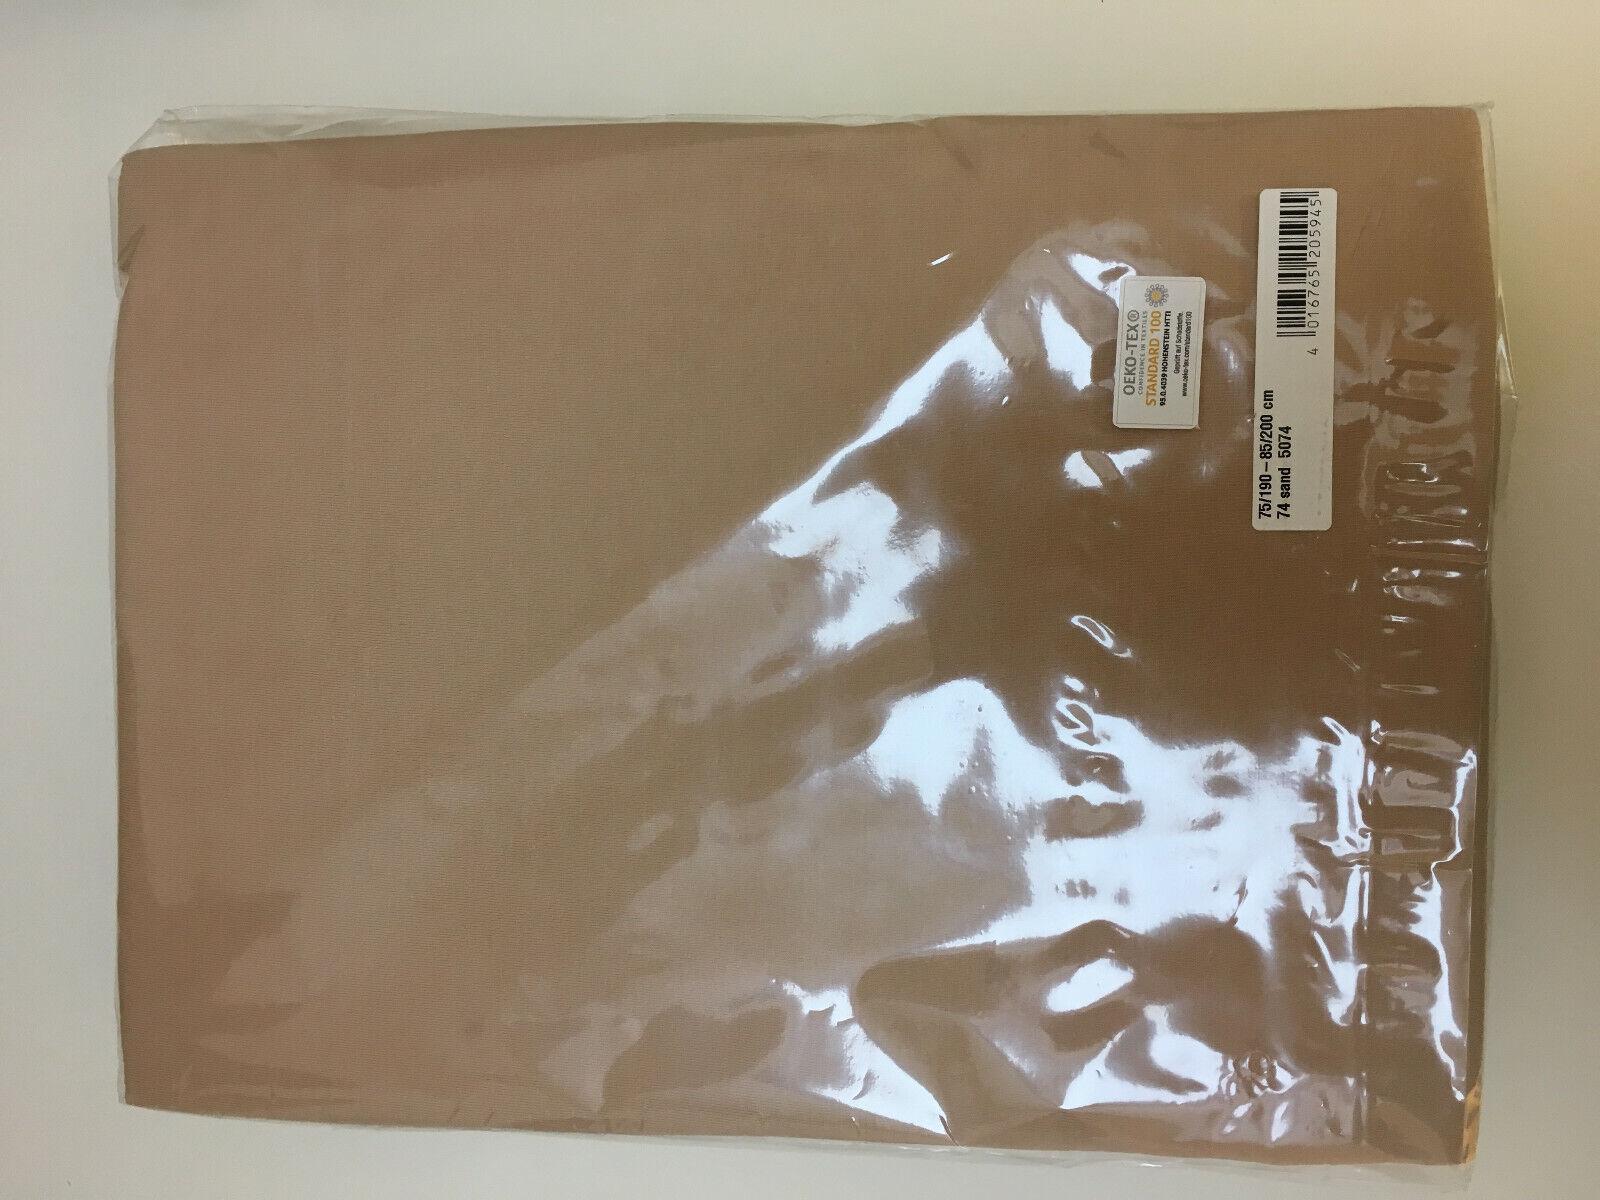 Spannbettbuch Massageliegenbezug Jersey 75/190 - 85/200 cm, sand Geschenk